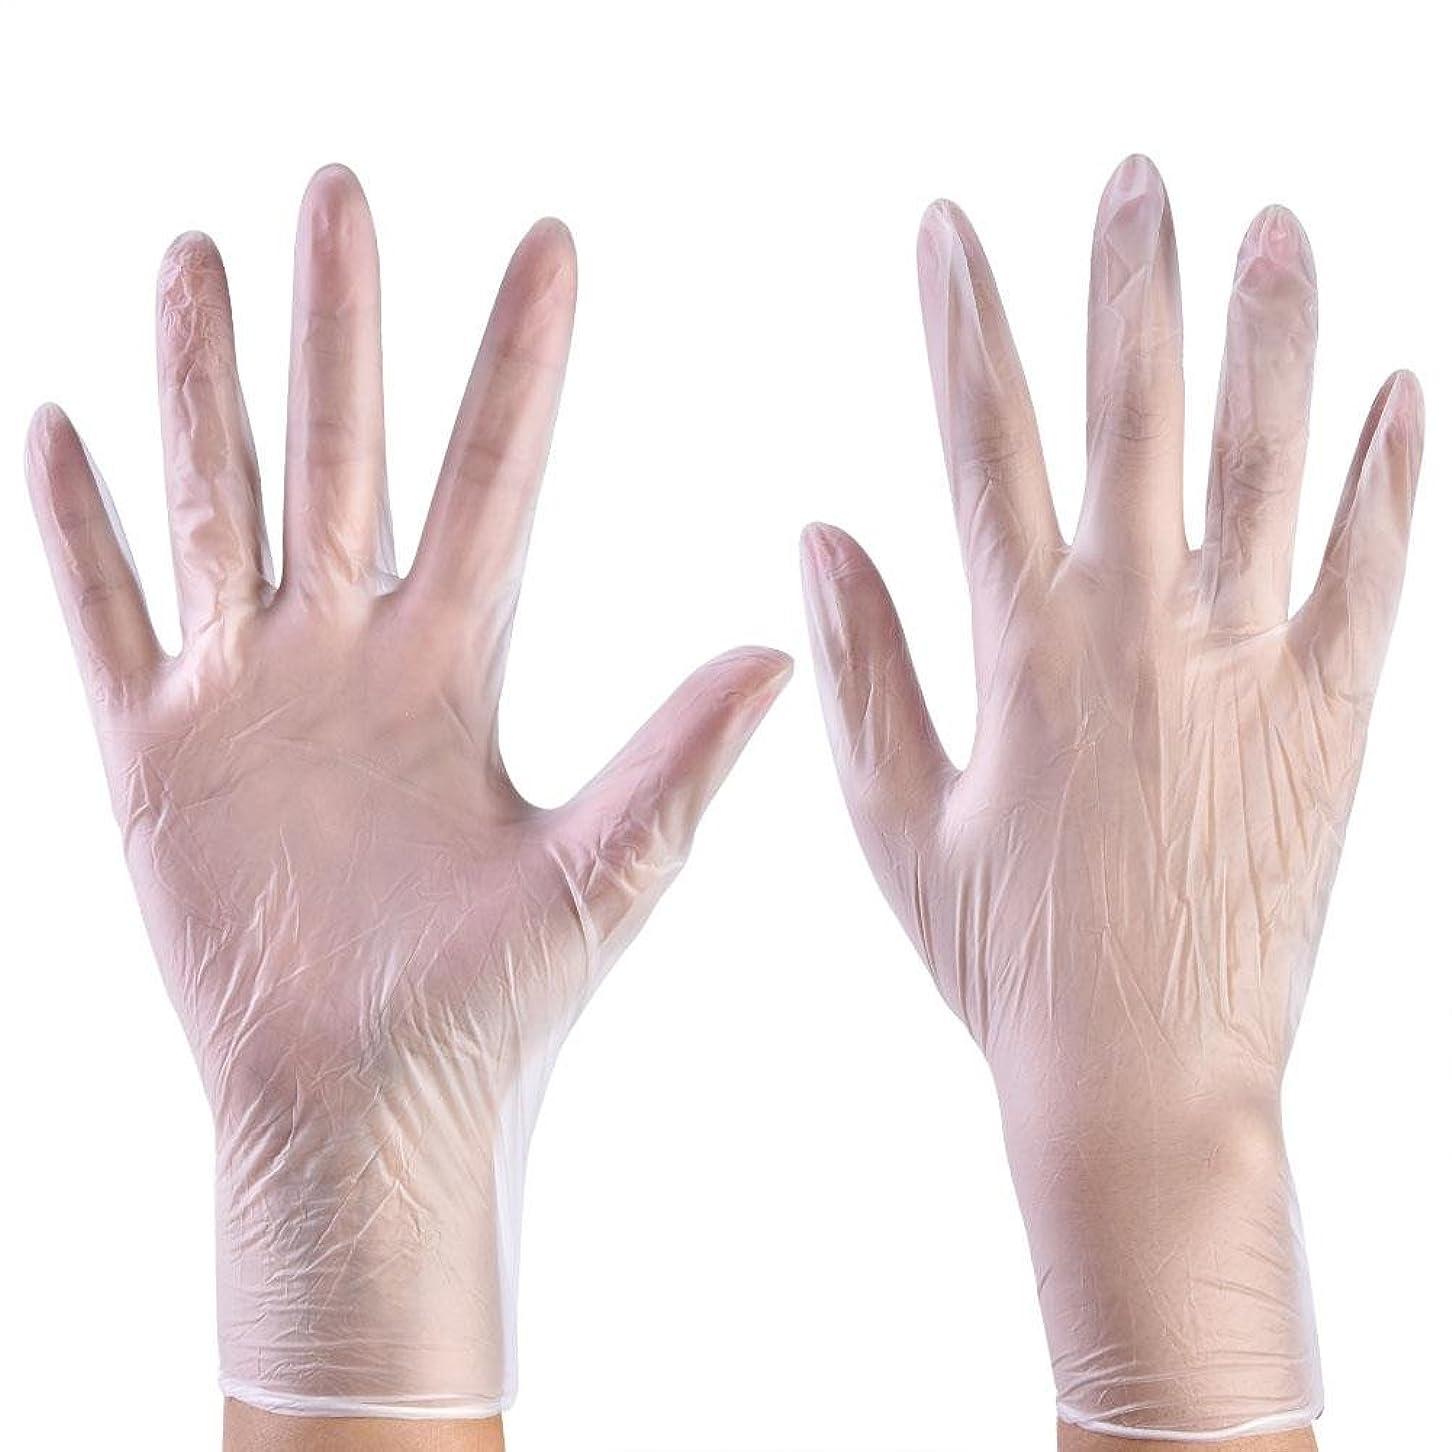 一方、コンサルタント笑使い捨て手袋 ニトリルグローブ ホワイト 粉なし タトゥー/歯科/病院/研究室に適応 S/M/L選択可 100枚 左右兼用(L)